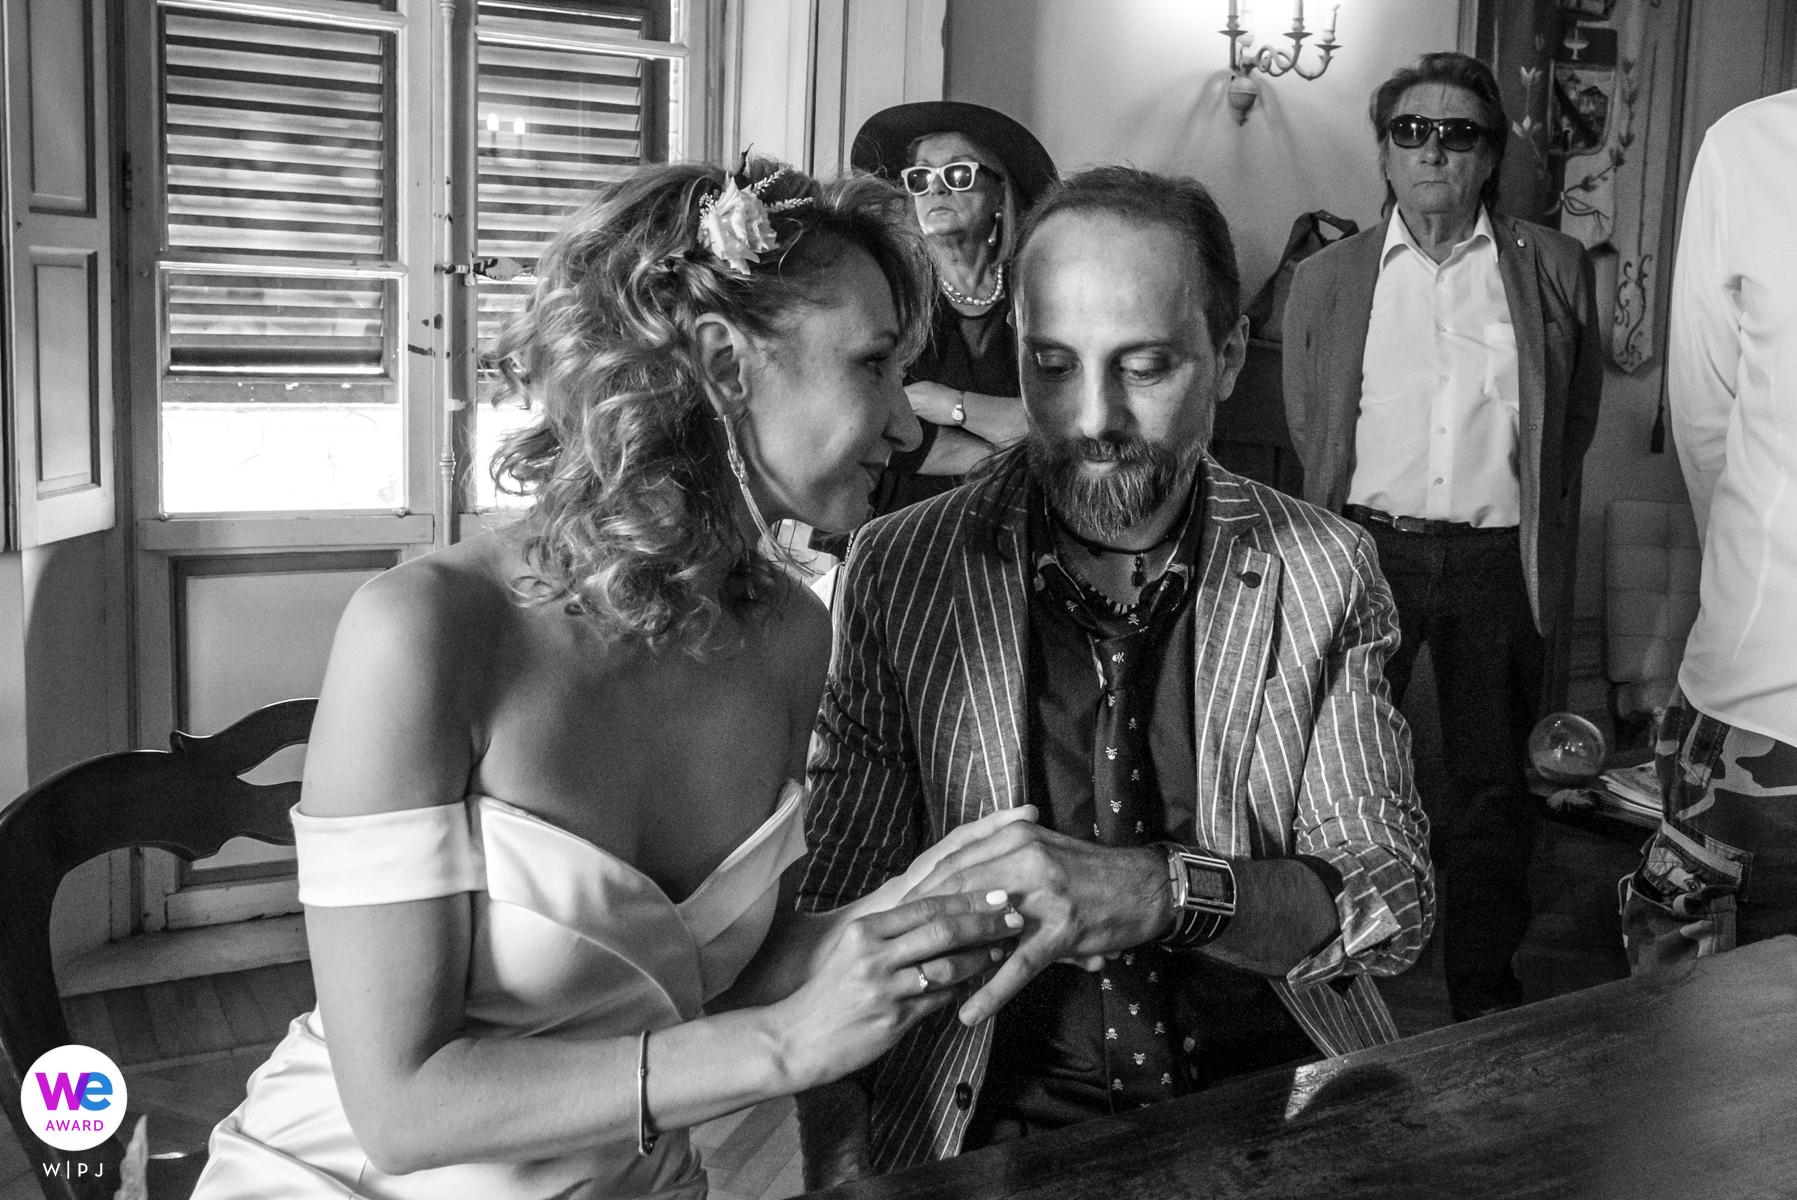 Parma, Italien Elopement Image Gallery - Die Braut versucht, ihre Gefühle zurückzuhalten und beobachtet das Gesicht des Bräutigams, während er den Ring auflegt.